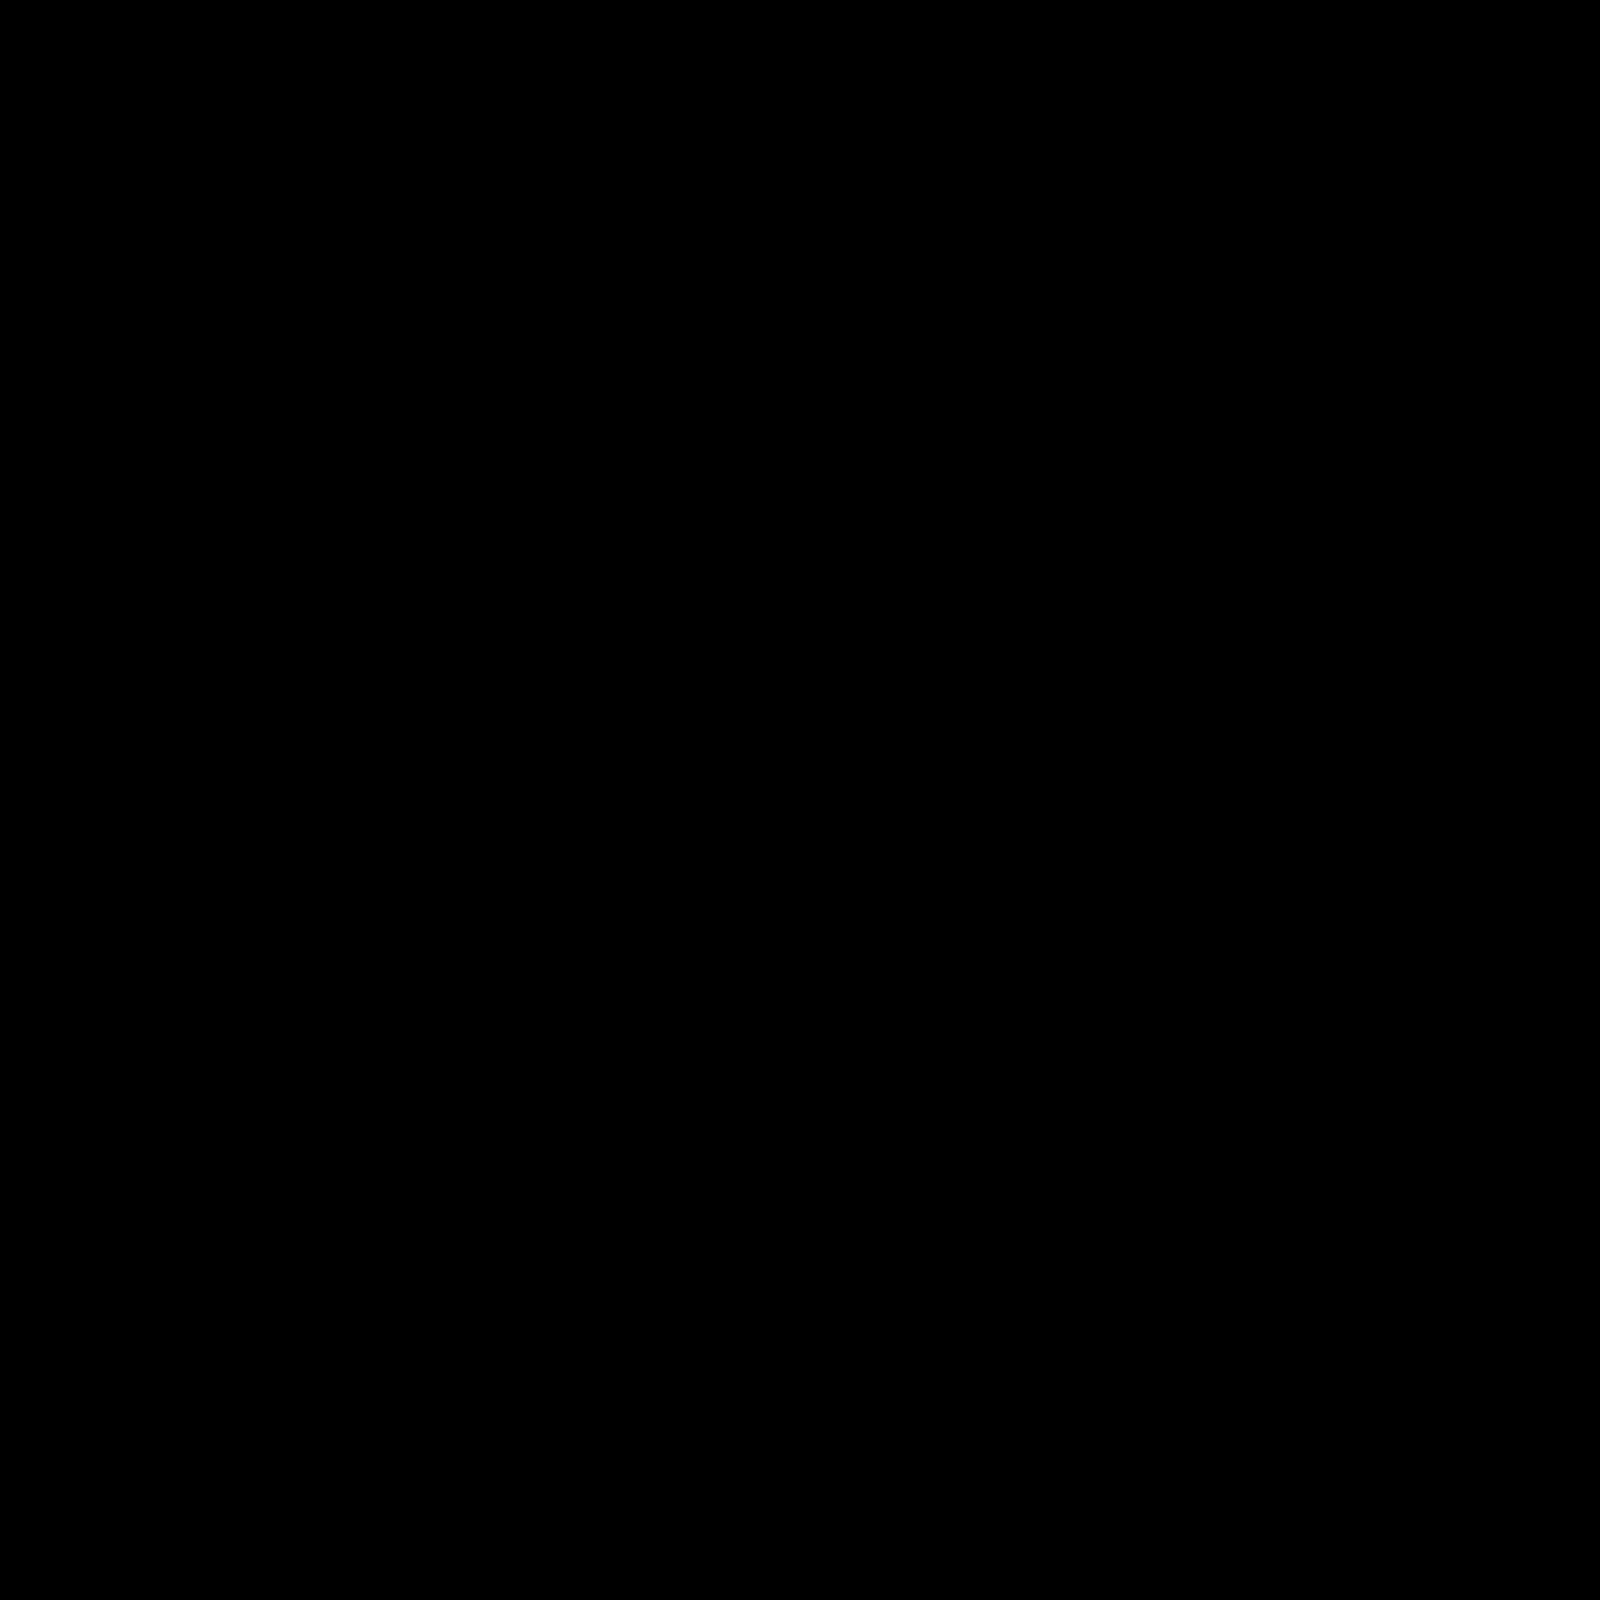 オンラインペイントツール icon